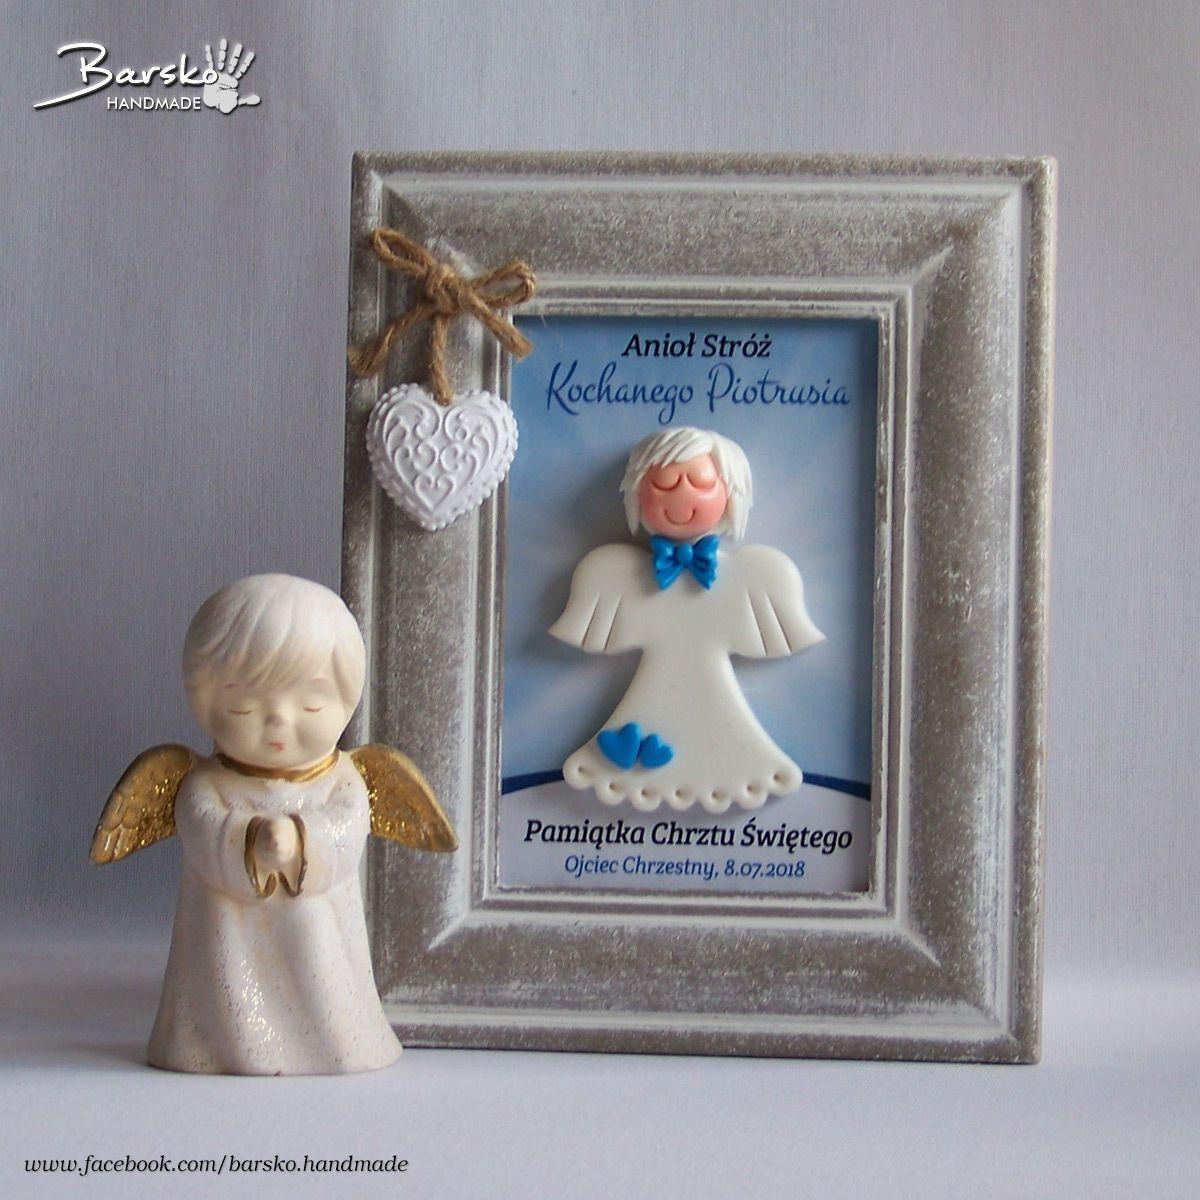 Pamiatka Chrztu Swietego Aniol Aniolek Chrzest Handmade